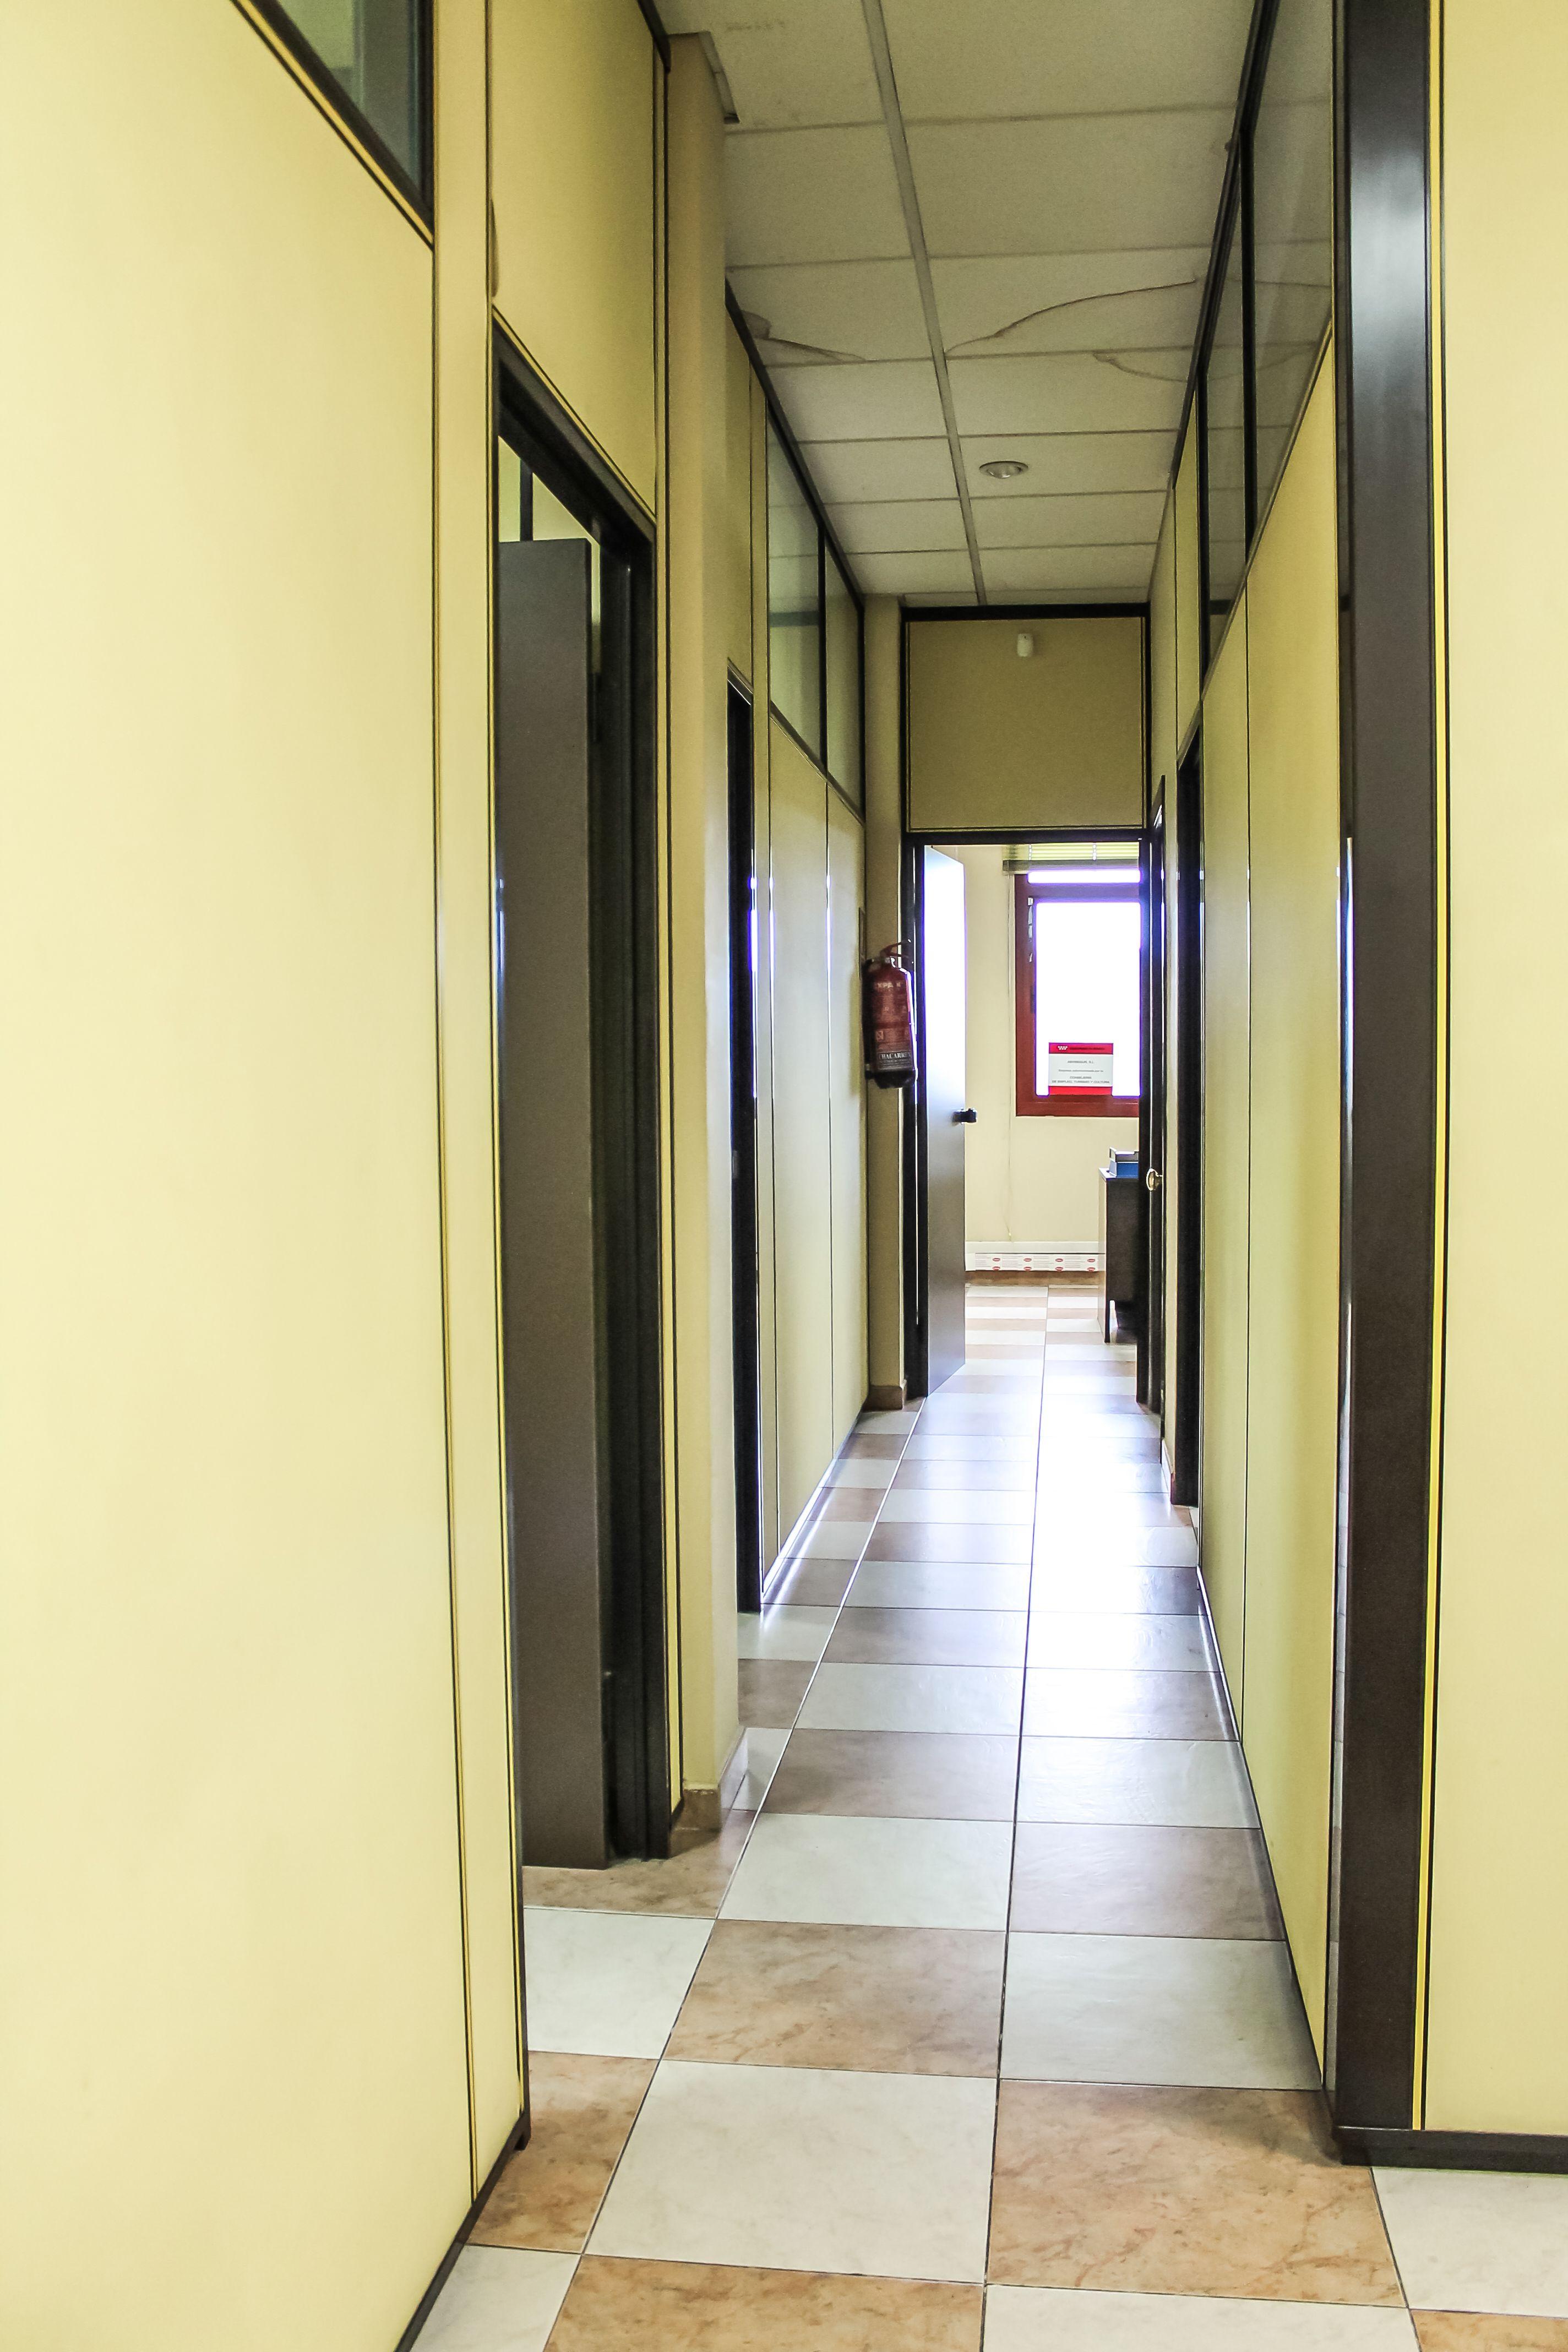 Seguridad privada en madrid empresas - Empresas interiorismo madrid ...